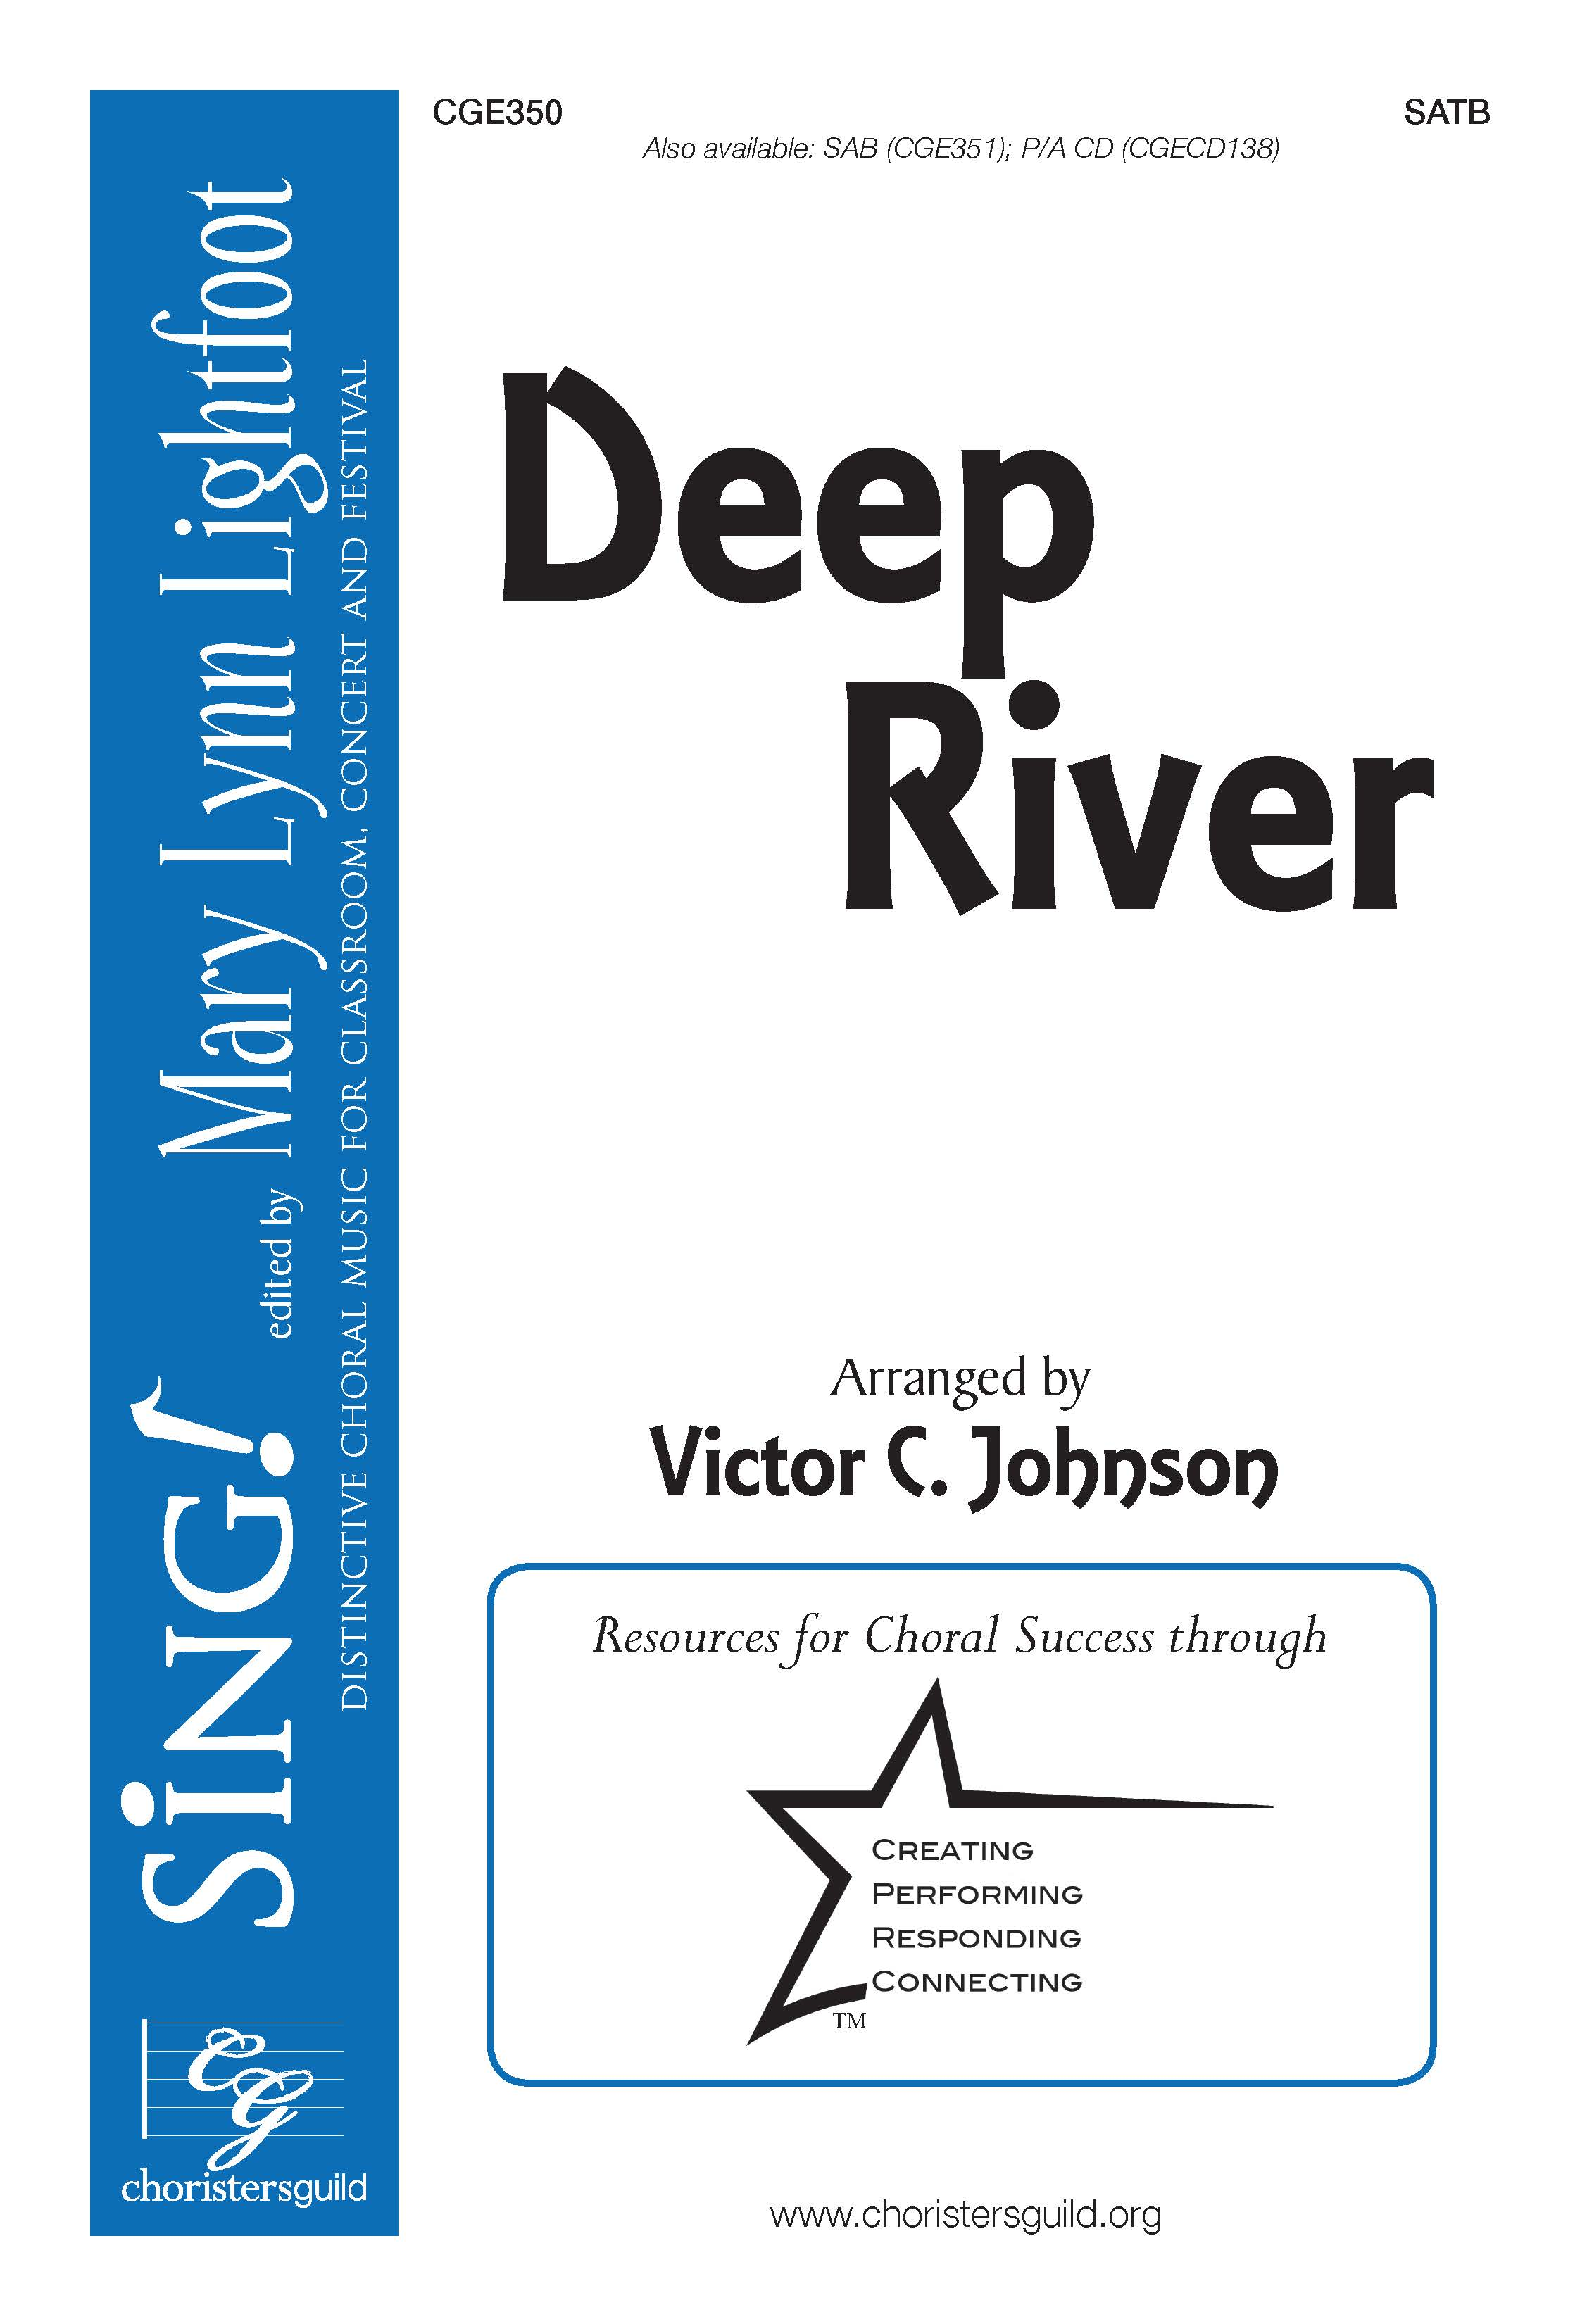 Deep River - SATB